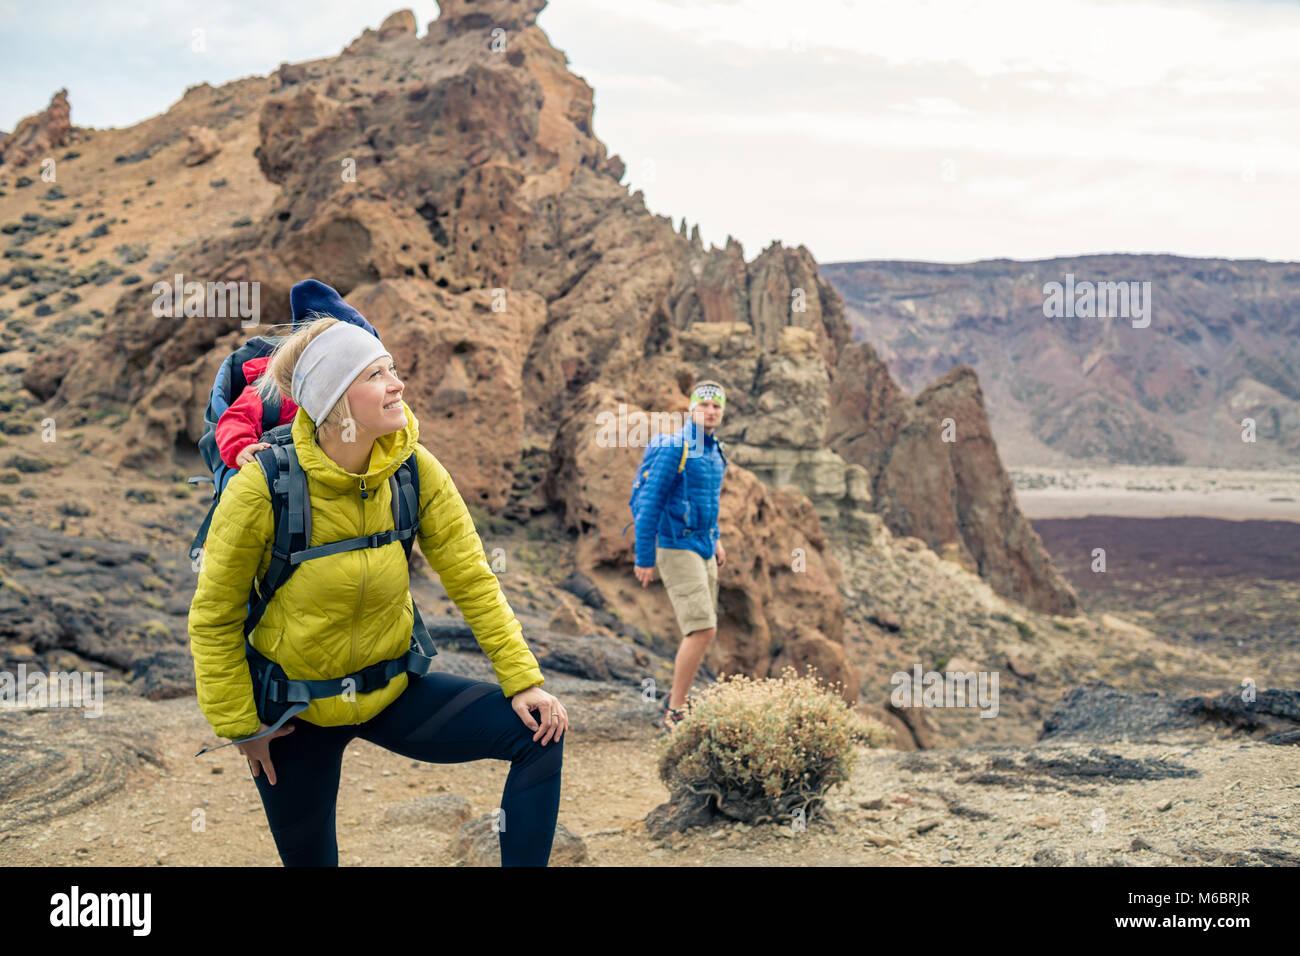 Couple hiking with baby boy voyager en sac à dos. Randonnées aventure avec enfant sur l'automne voyage Photo Stock